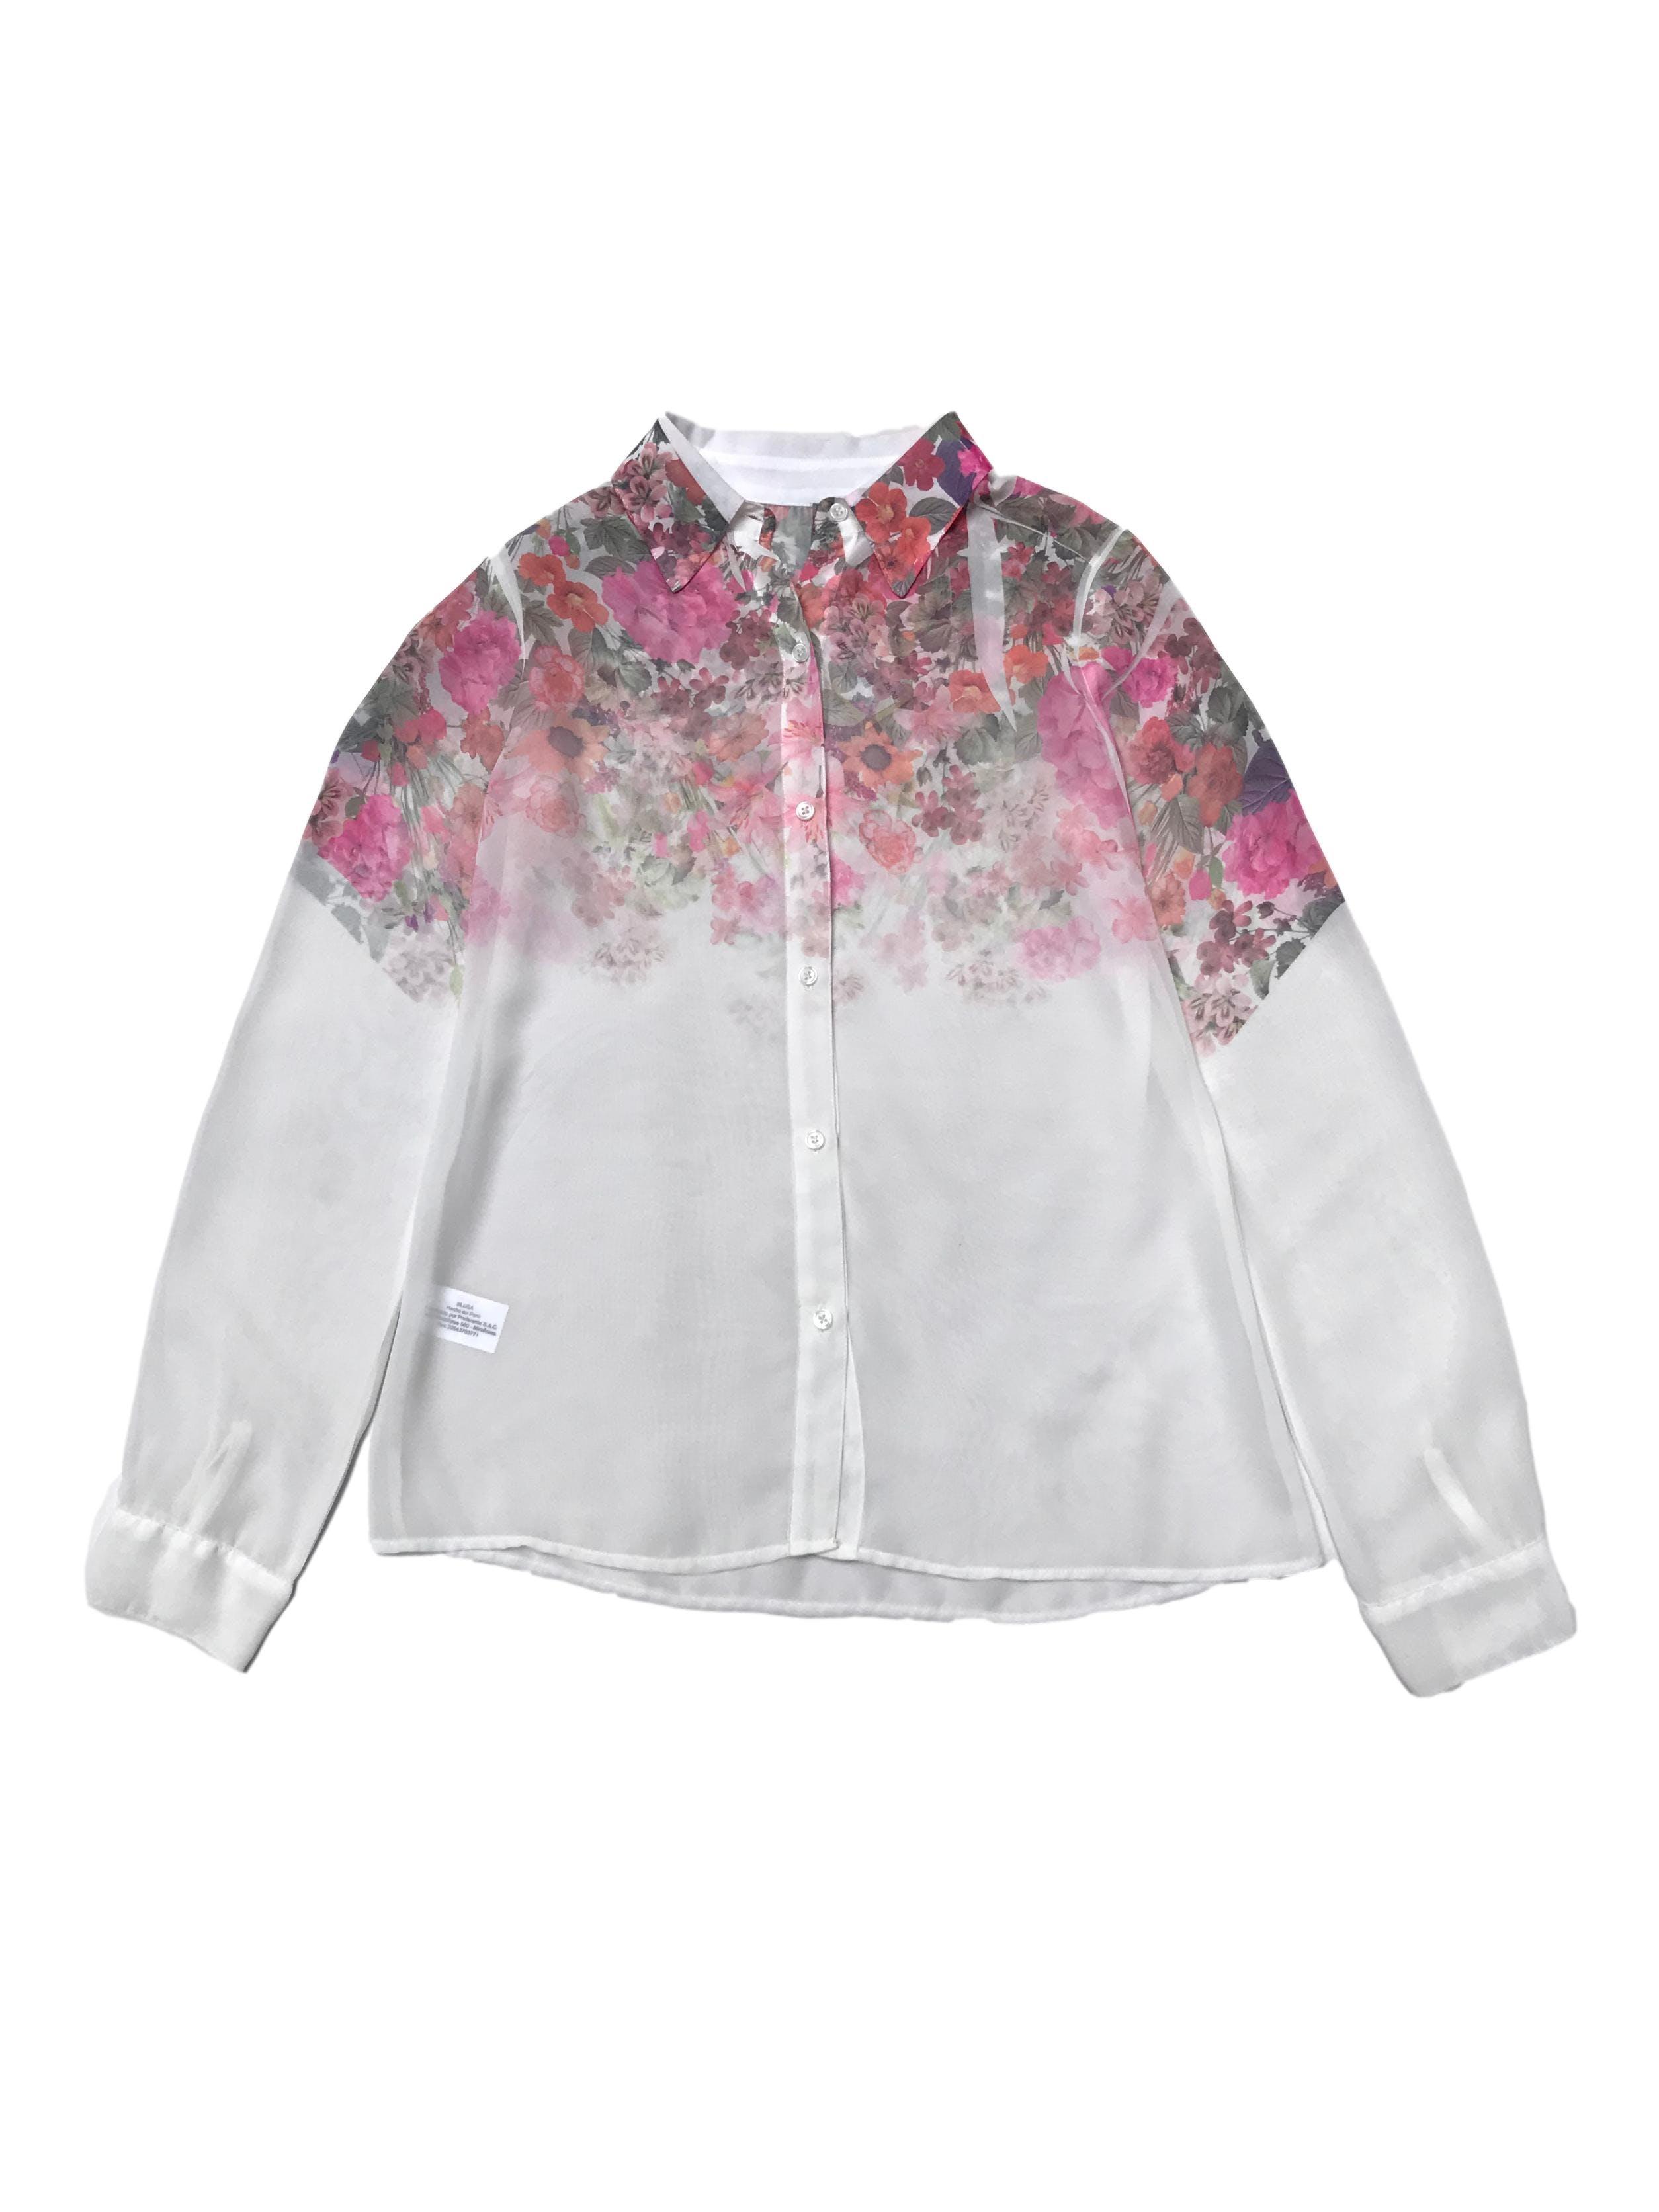 Blusa Bugui de gasa blanca con flores en degradé, estilo camisera, trasluce.